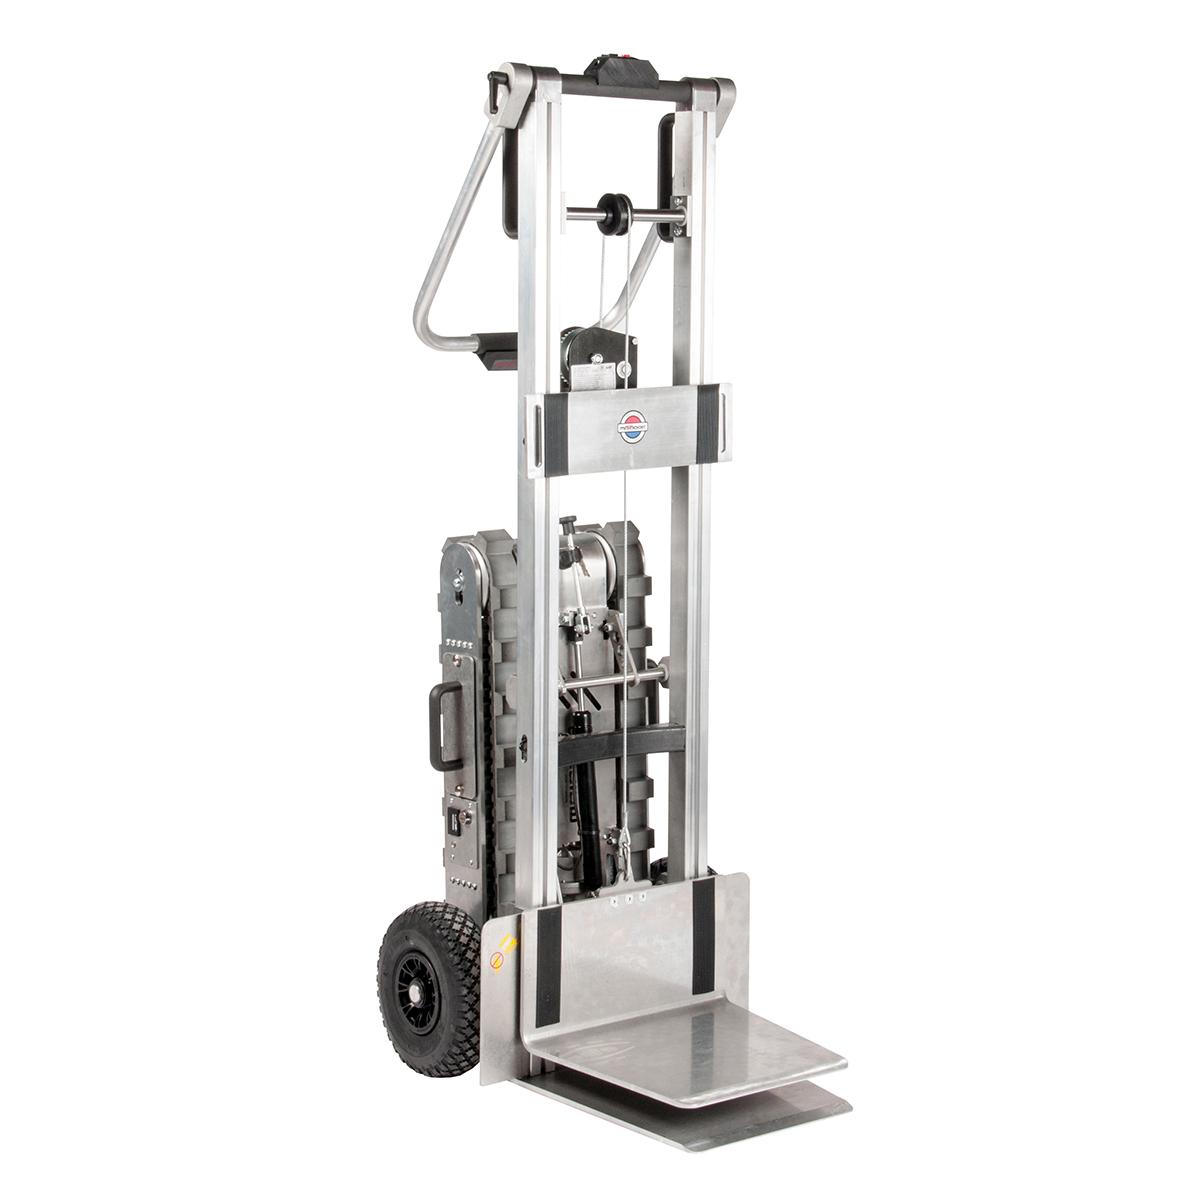 Matador elektrischer Treppensteiger - 175 kg Tragfähigkeit